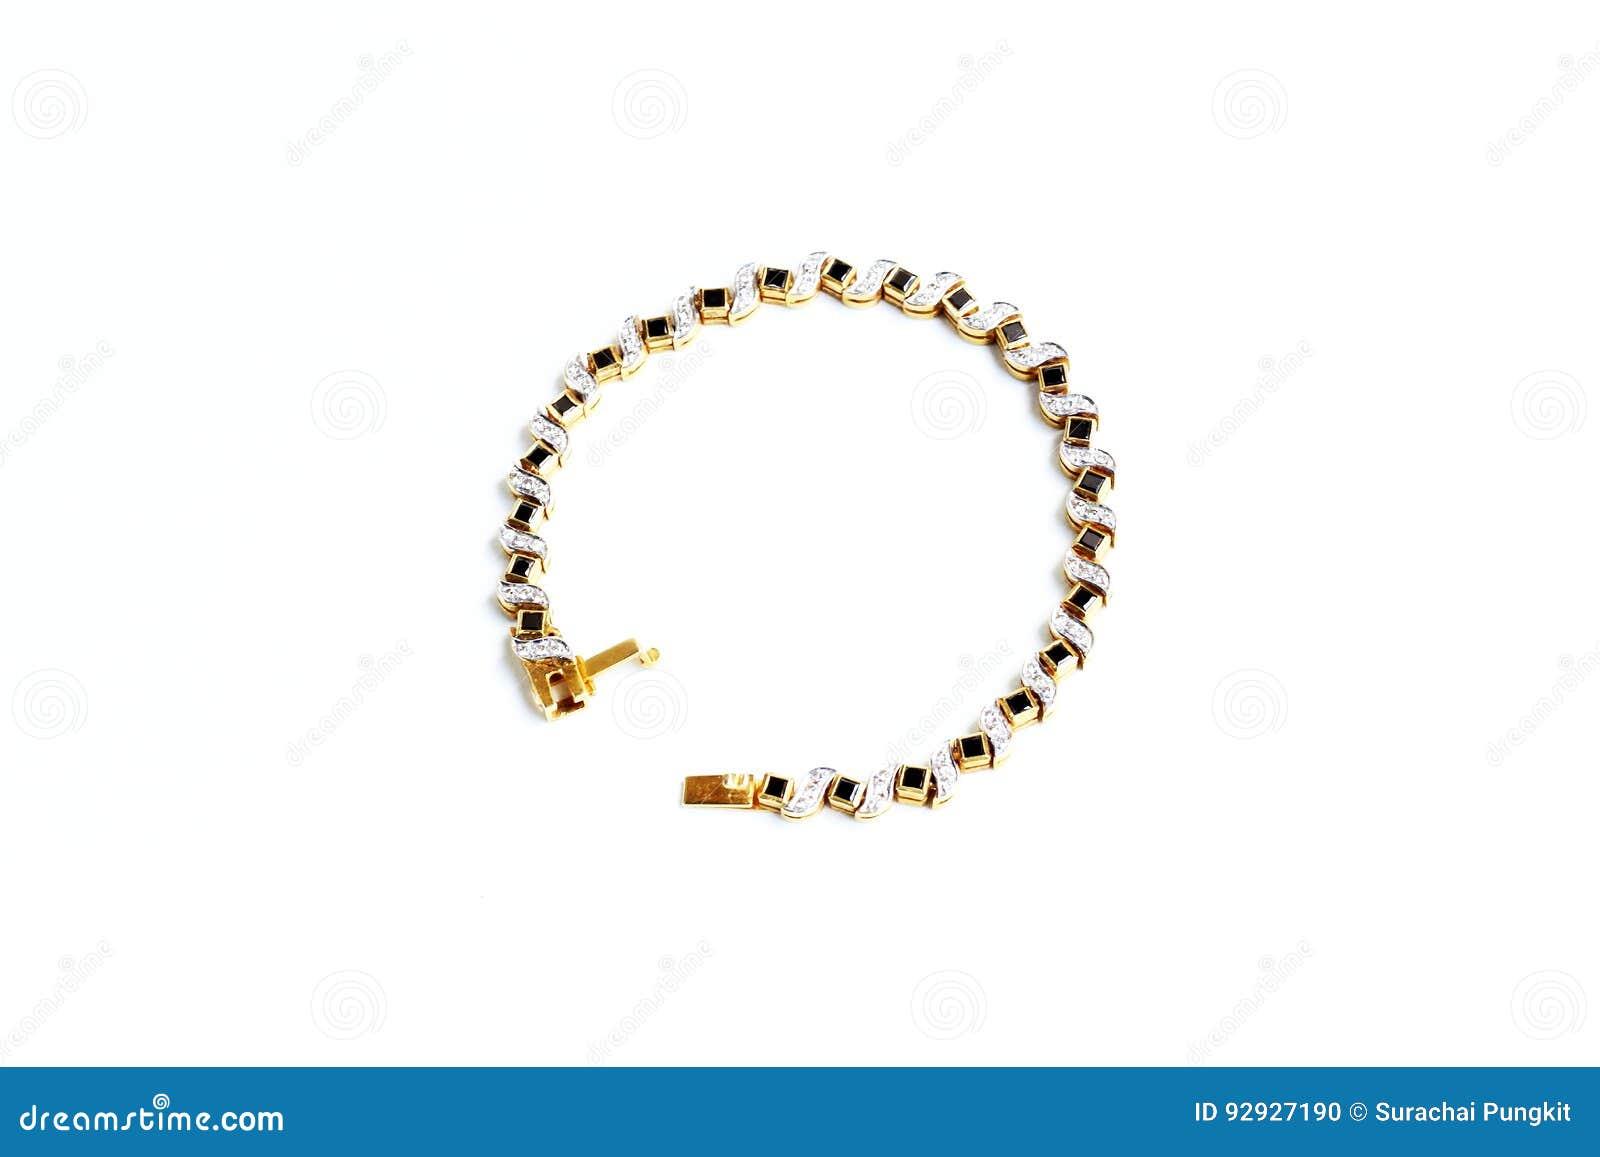 Χρυσό βραχιόλι με τον πολύτιμο λίθο Στοκ Εικόνες - εικόνα από ασήμι ... f574b8b41c9